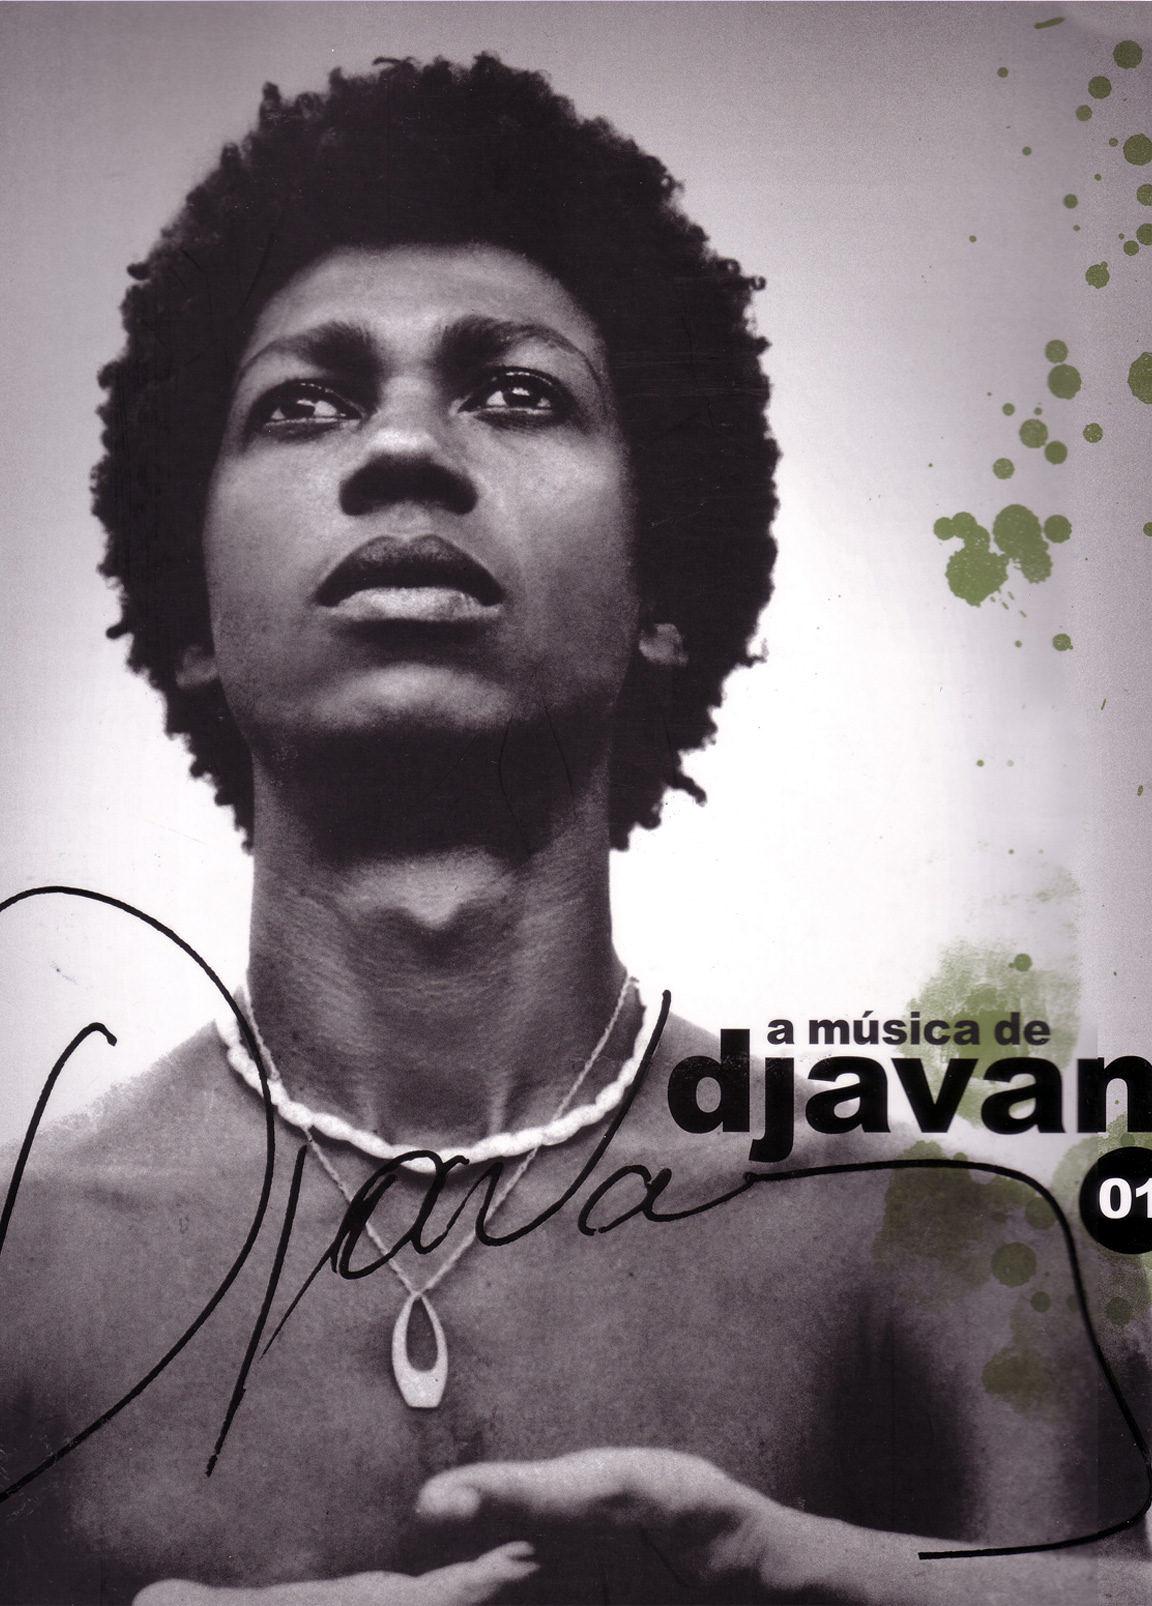 A Música de Djavan Vol 1